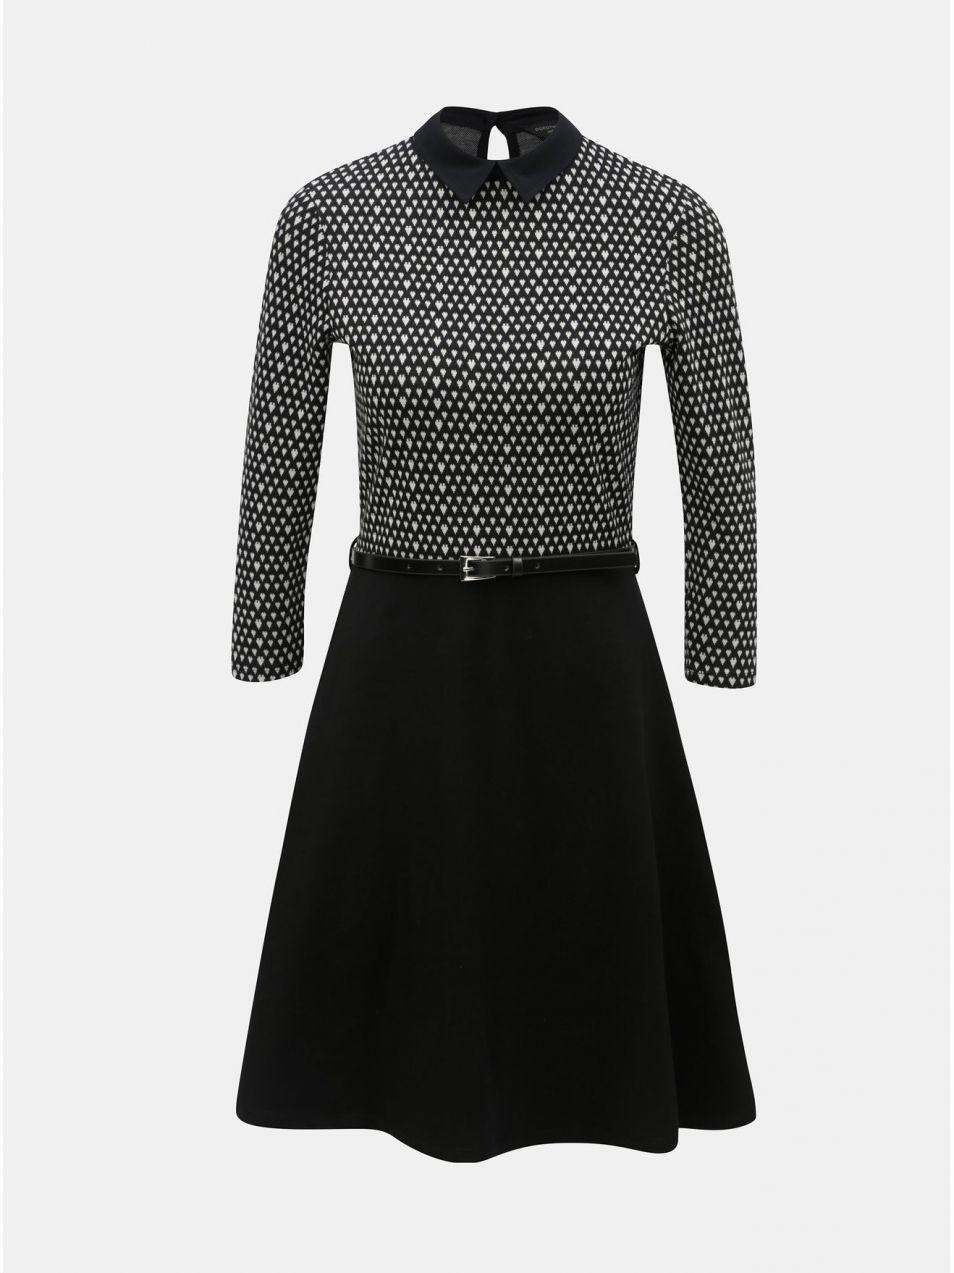 Bielo–čierne vzorované šaty s opaskom Dorothy Perkins značky Dorothy ... bf6092f45af